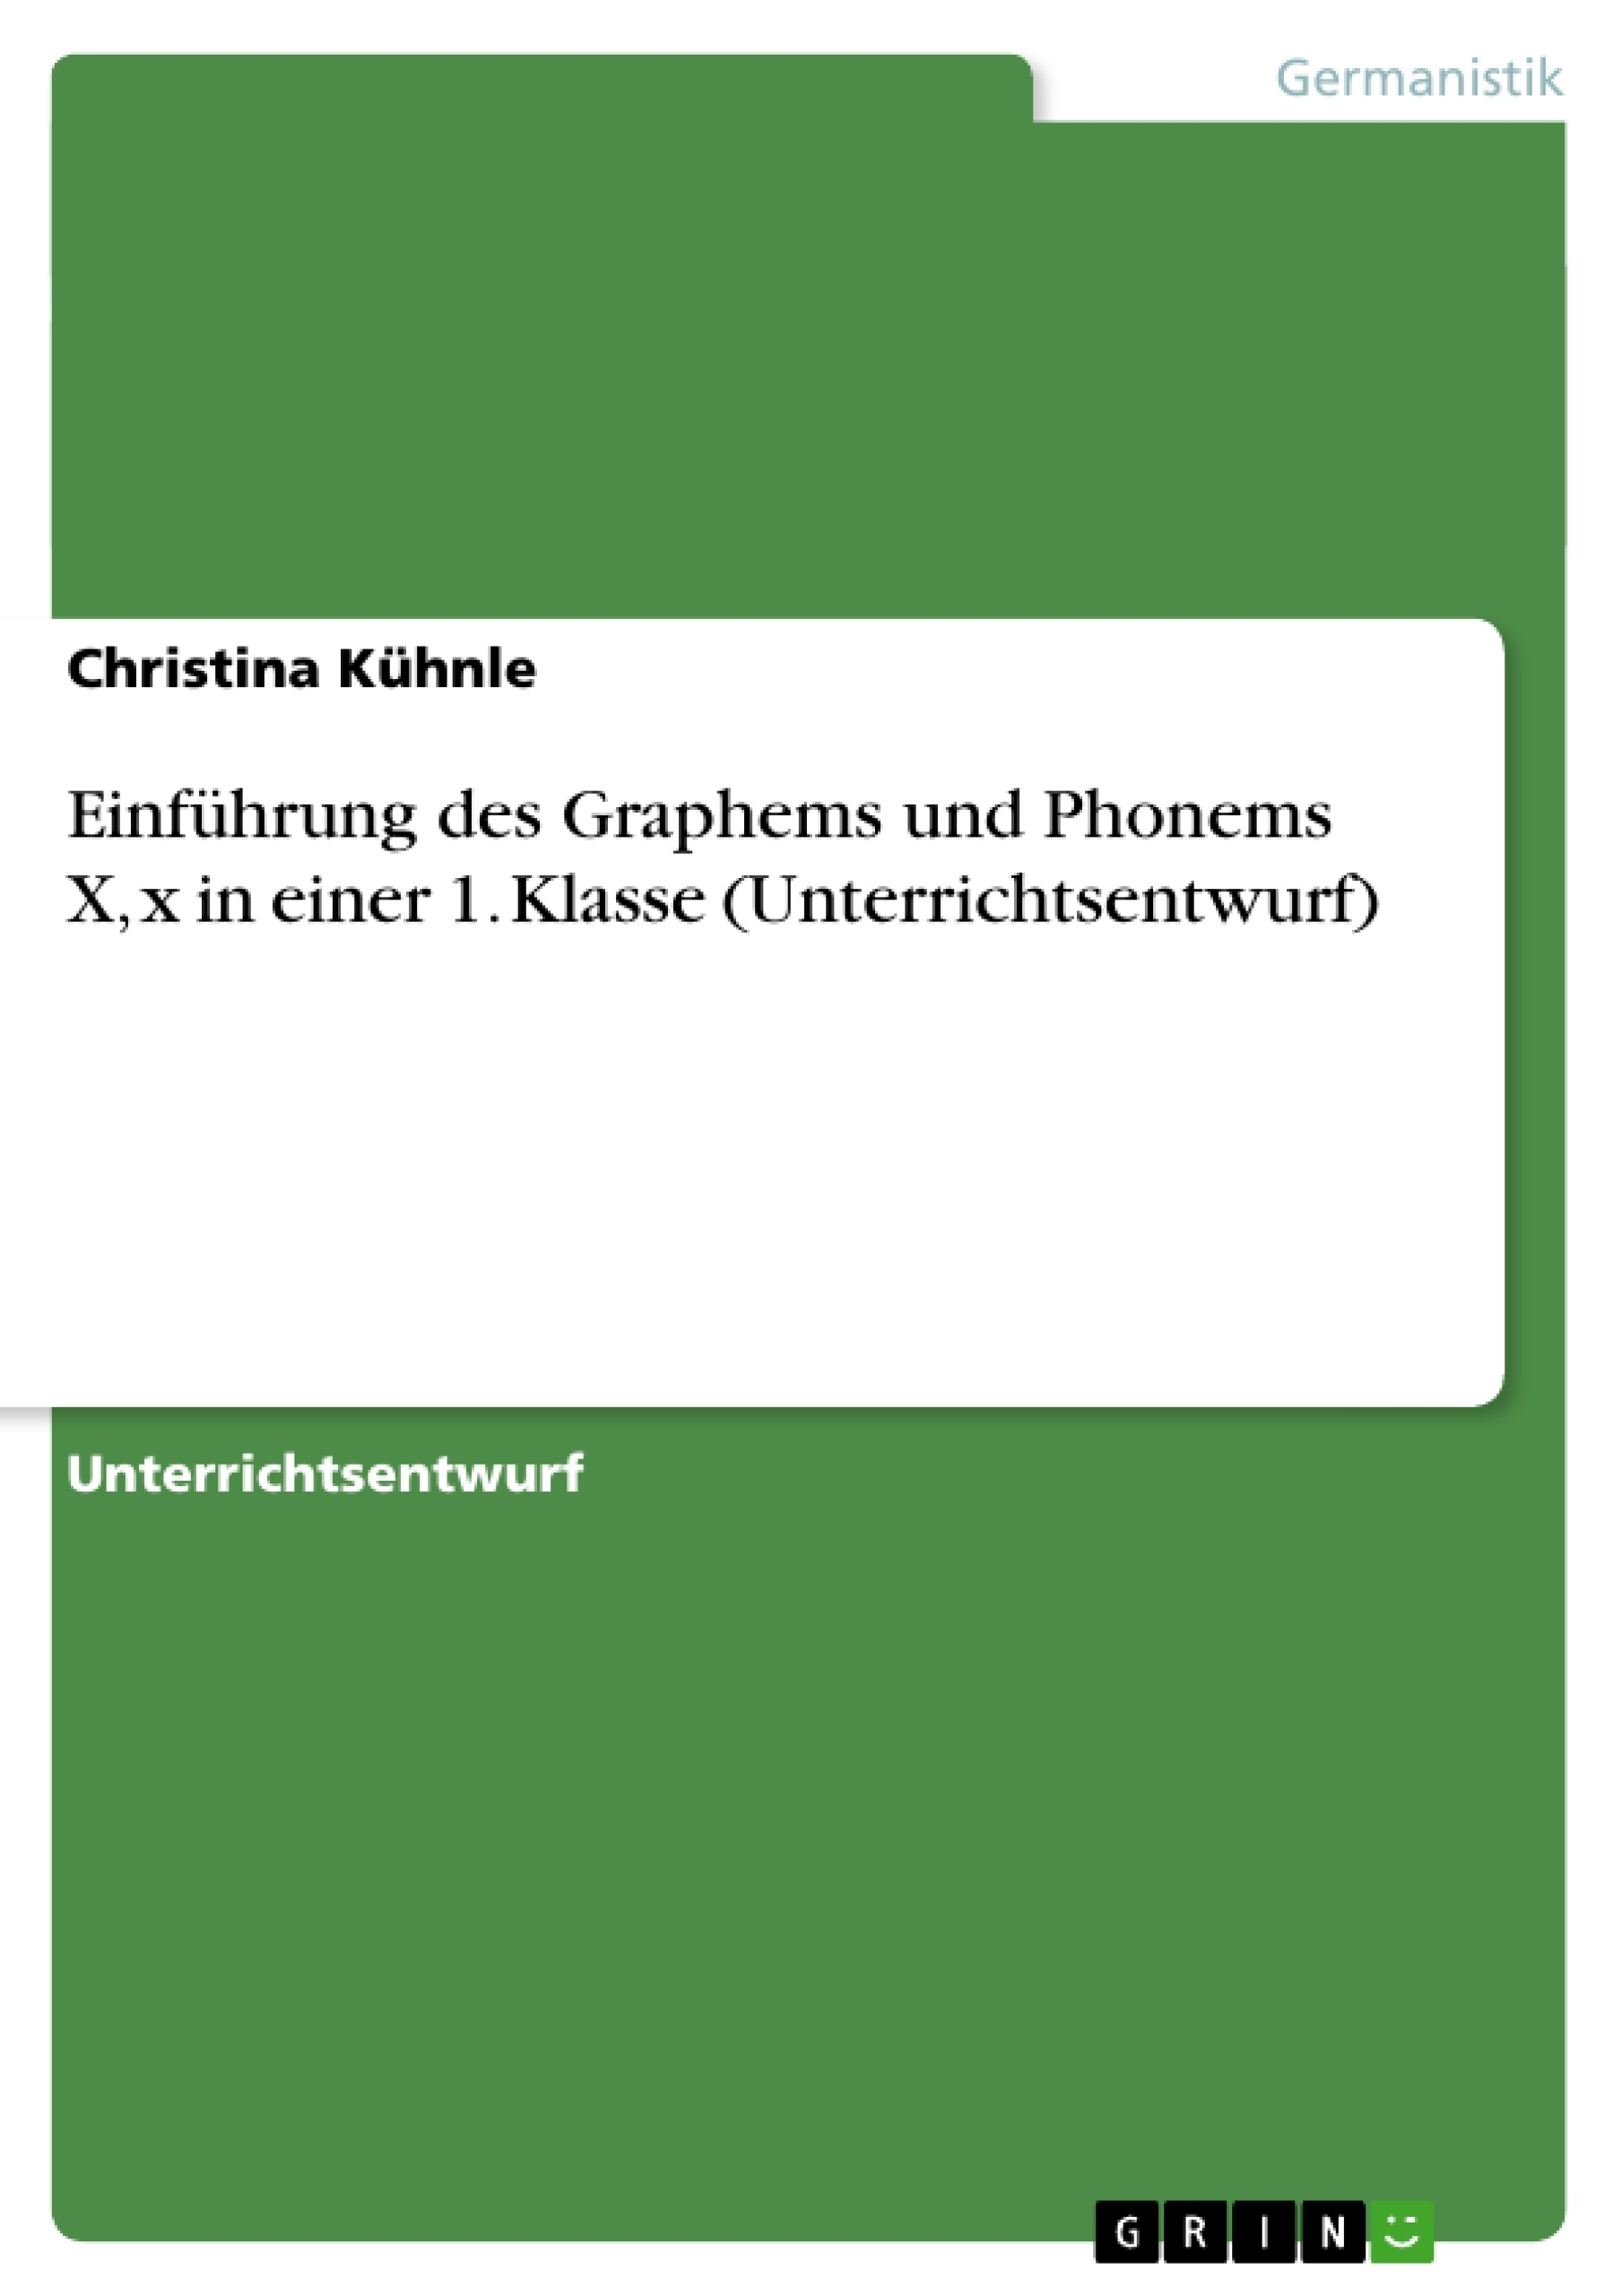 Titel: Einführung des Graphems und Phonems X, x in einer 1. Klasse (Unterrichtsentwurf)